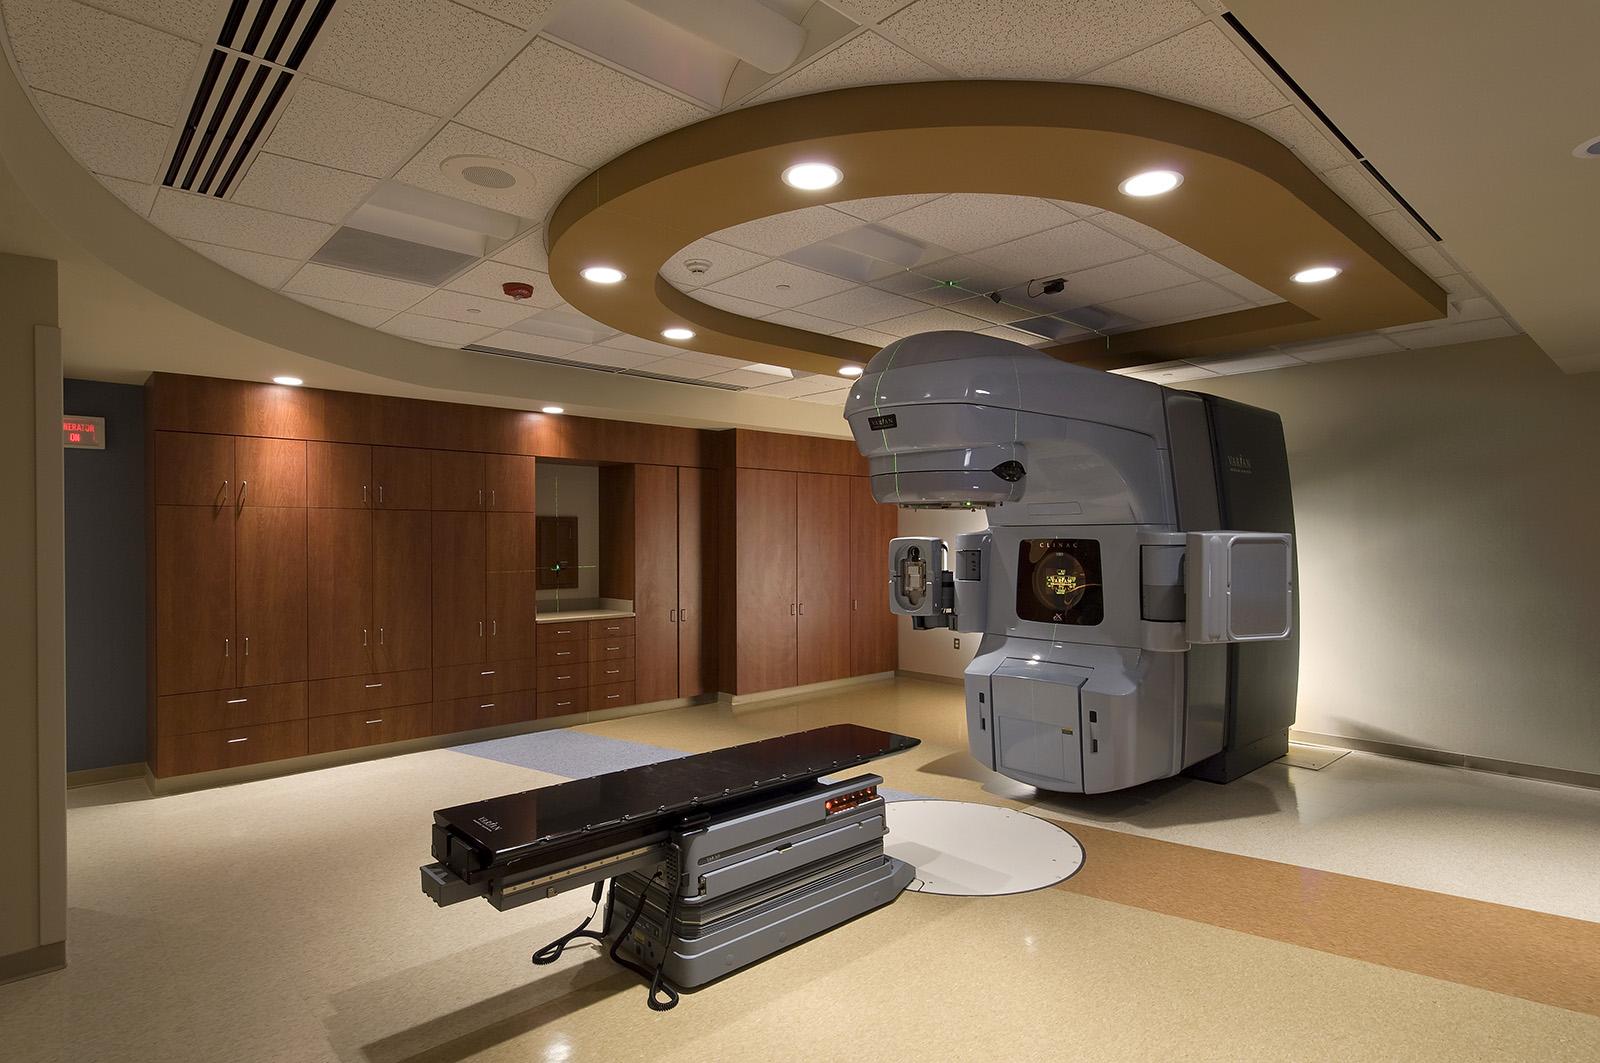 mmh cancer center 01.jpg